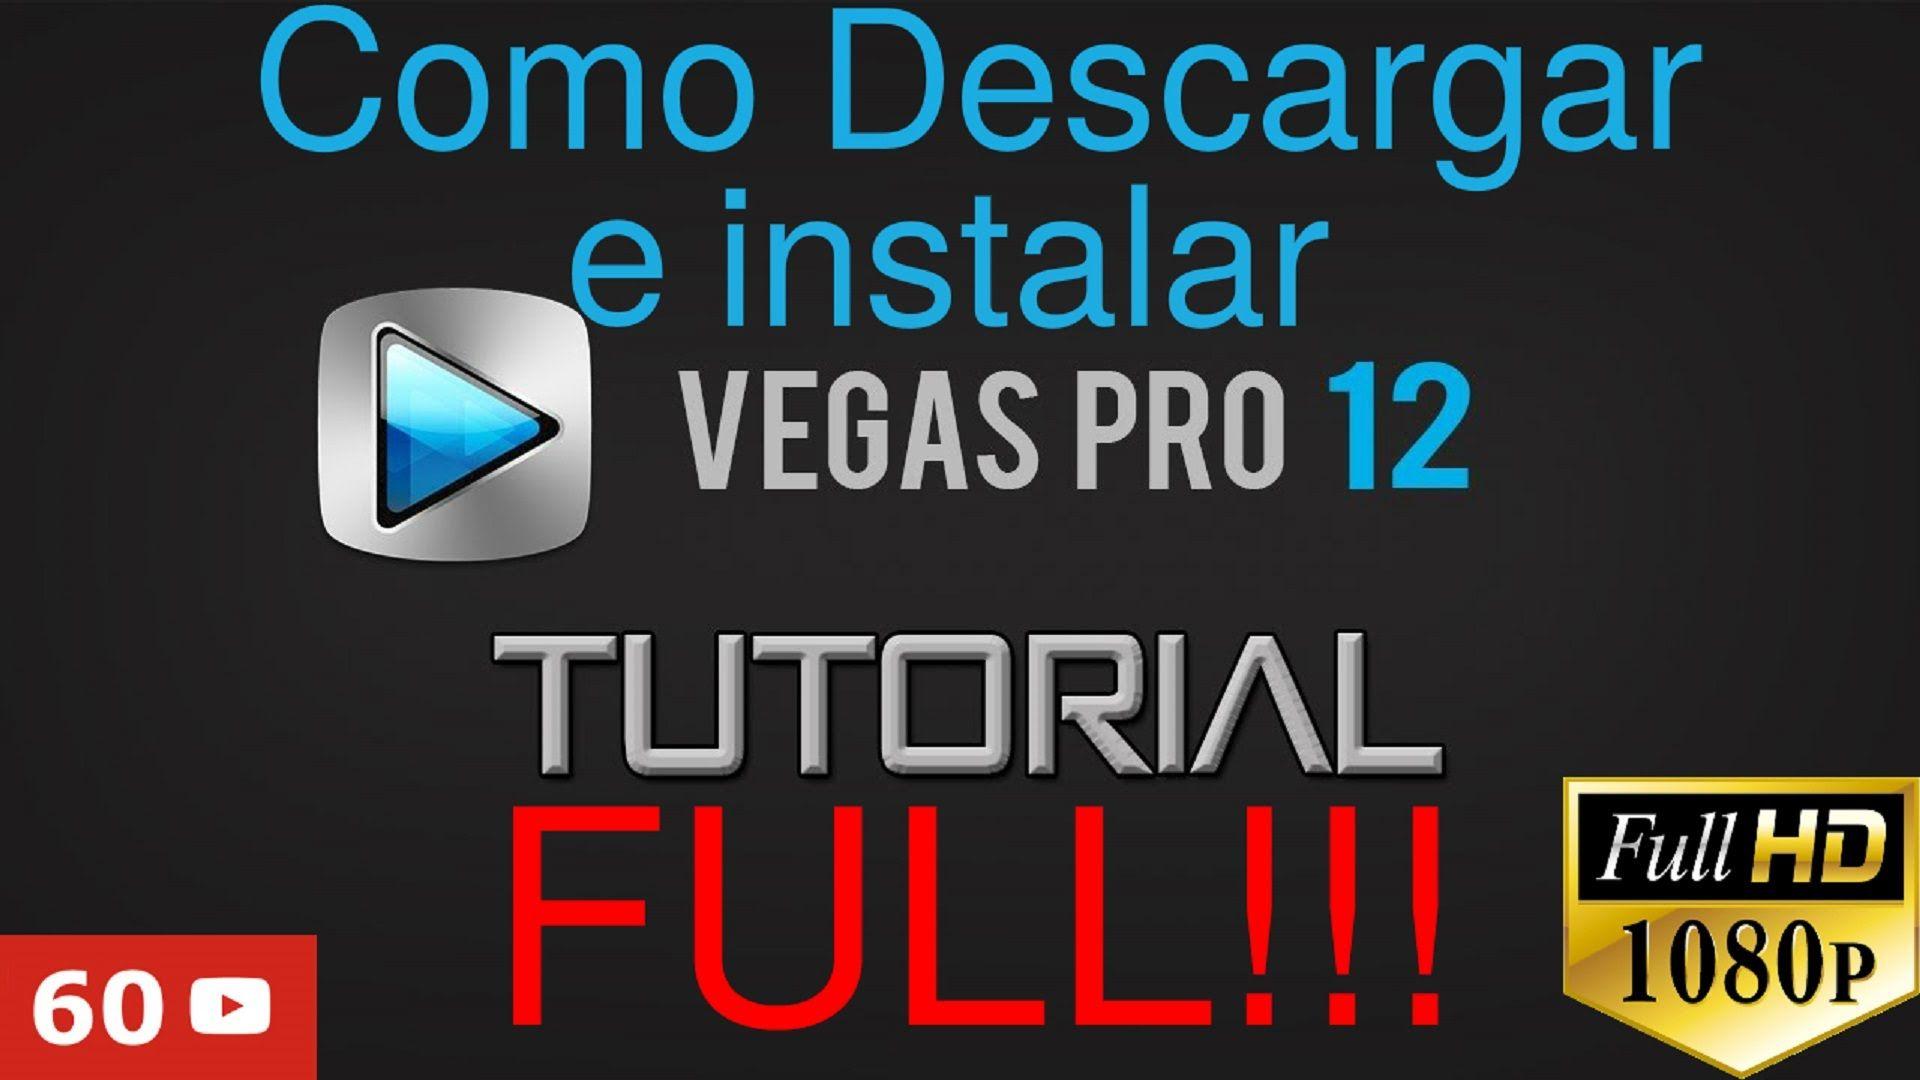 Como Descargar E Instalar Sony Vegas Pro 12 Full Tutorial Hd1080p Sony Juegos Pc Vegas